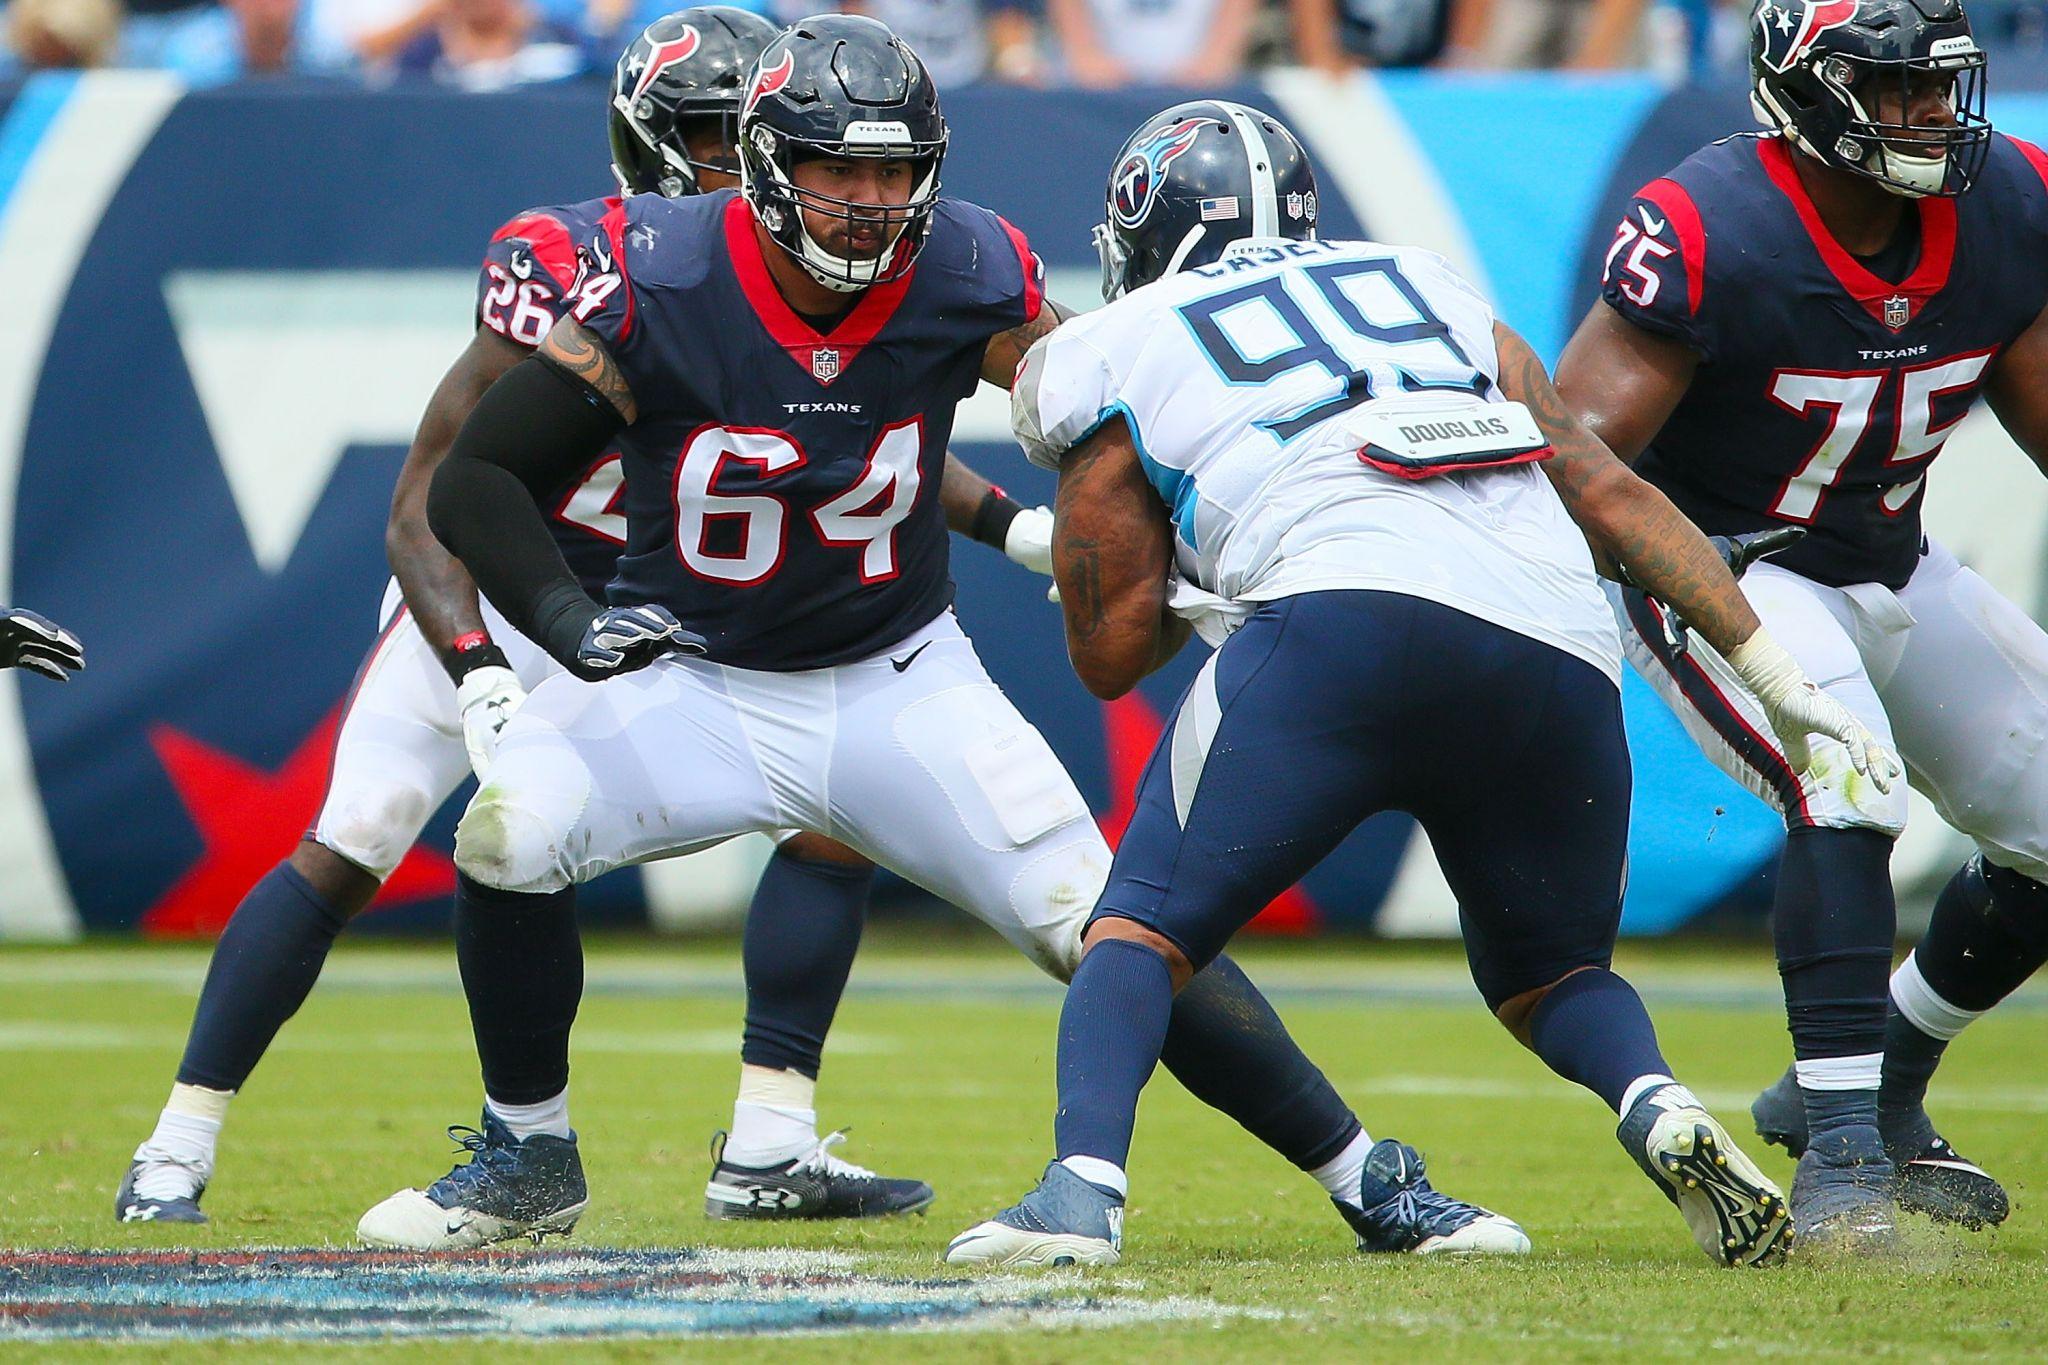 Texans guard Senio Kelemete plays through the pain